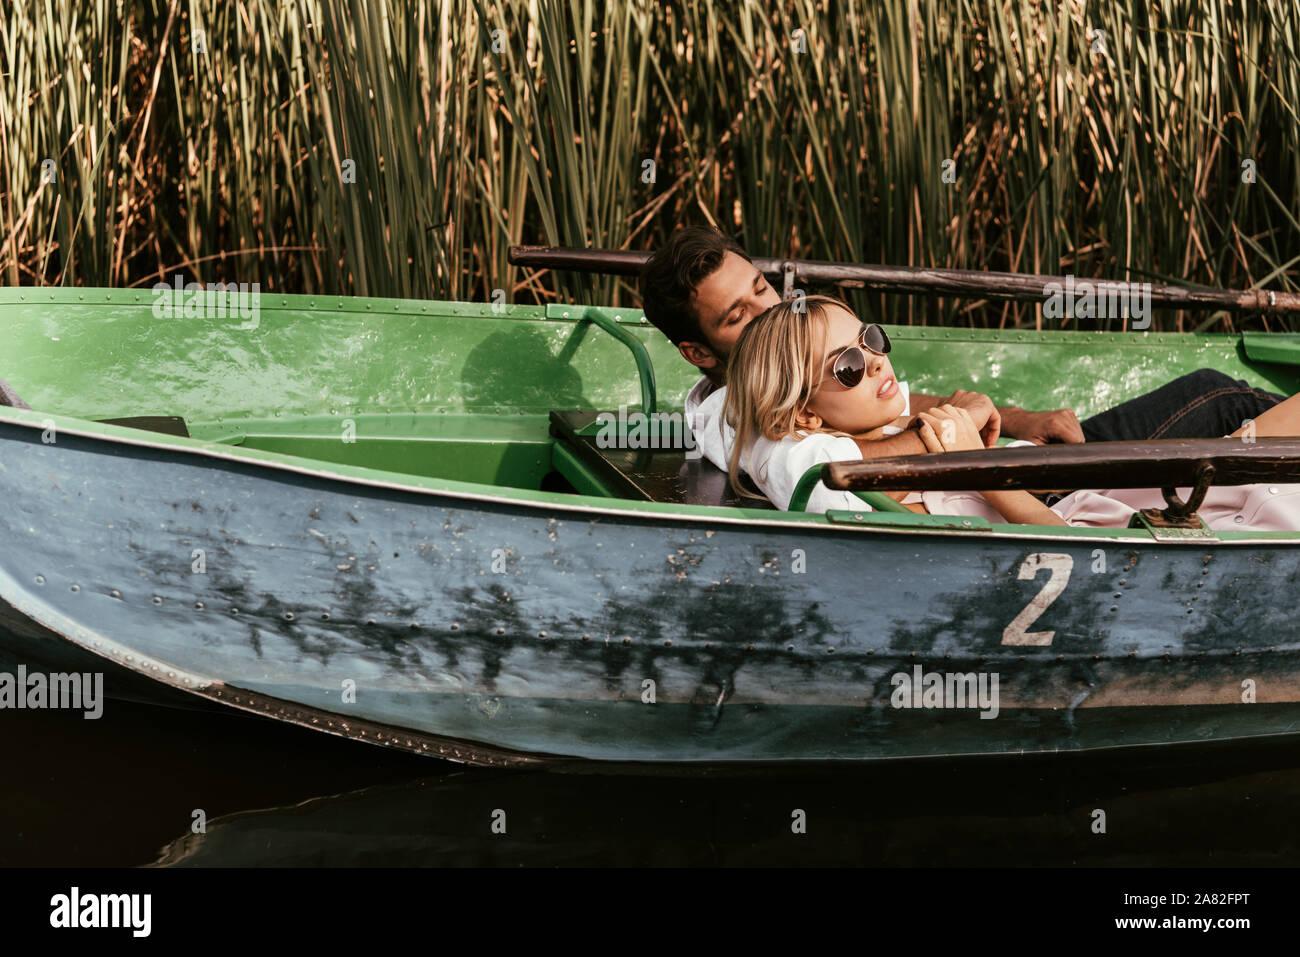 Junges Paar entspannende im Boot auf dem Fluss in der Nähe von Dickicht von segge Stockfoto